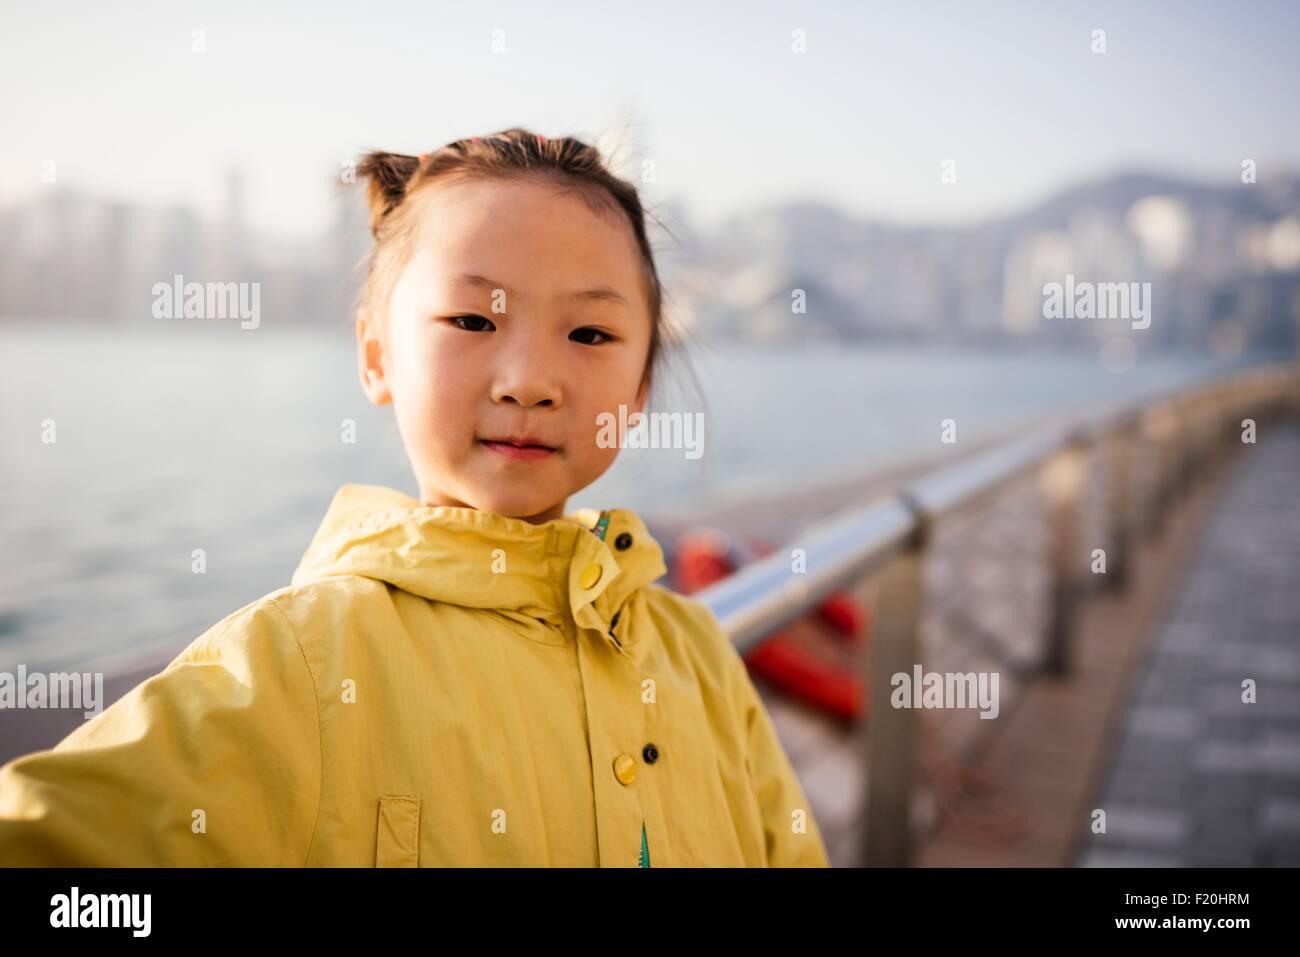 Retrato de joven vestida de pelaje amarillo delante del agua mirando a la cámara Imagen De Stock